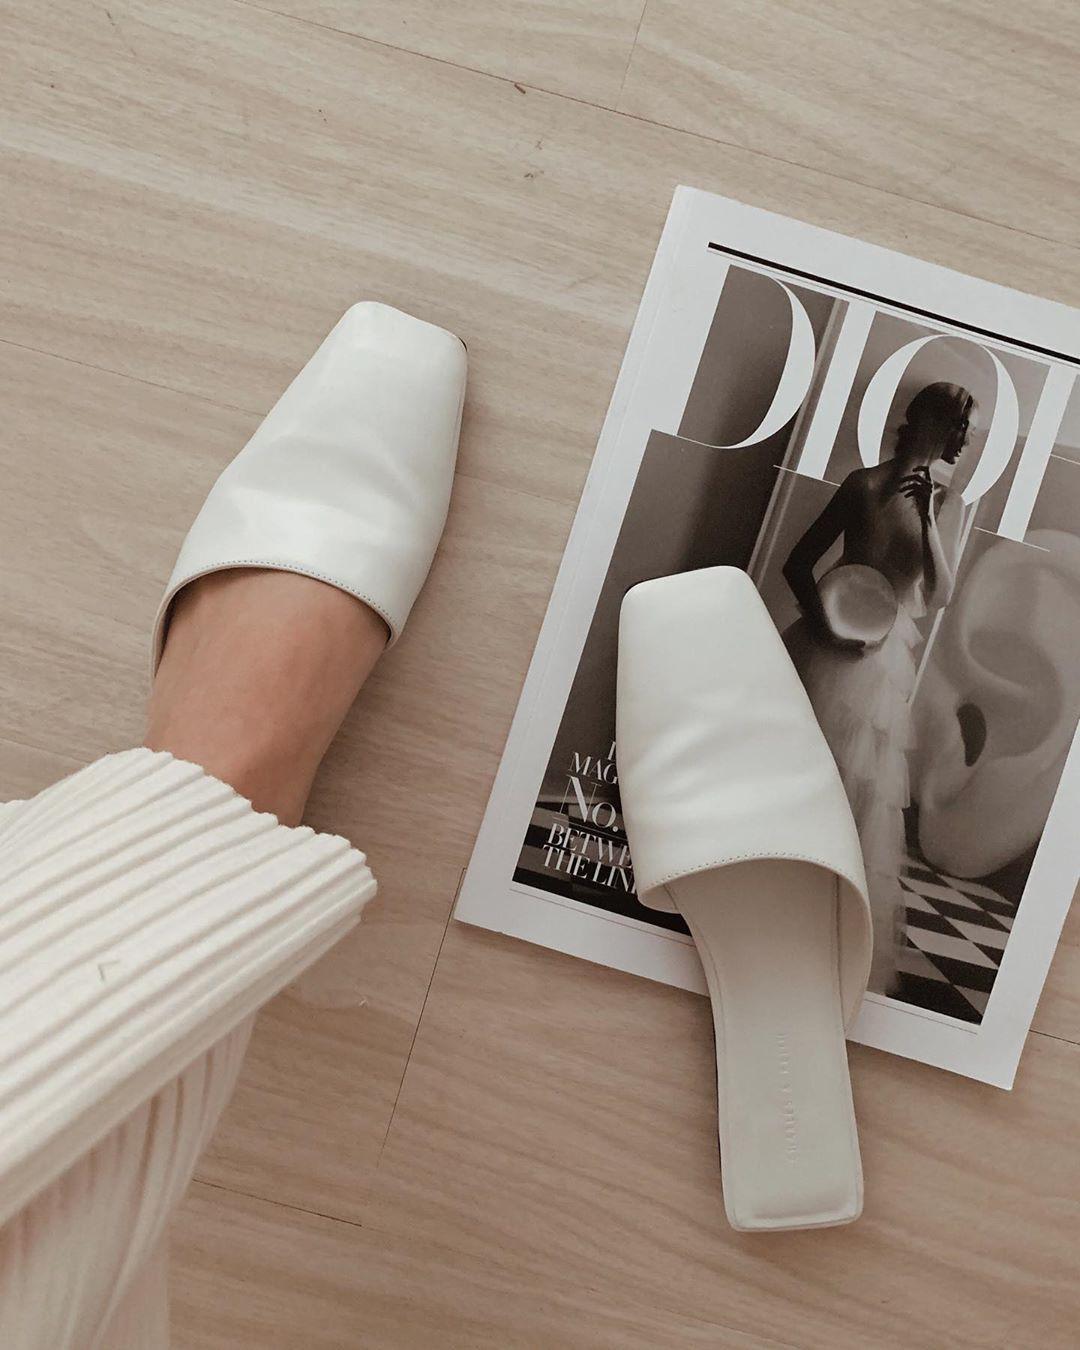 Tạm quên giày cao gót đi, dáng bạn vẫn sẽ cao ráo và phong cách thì đậm chất công sở với 4 kiểu giày bệt này - Ảnh 10.